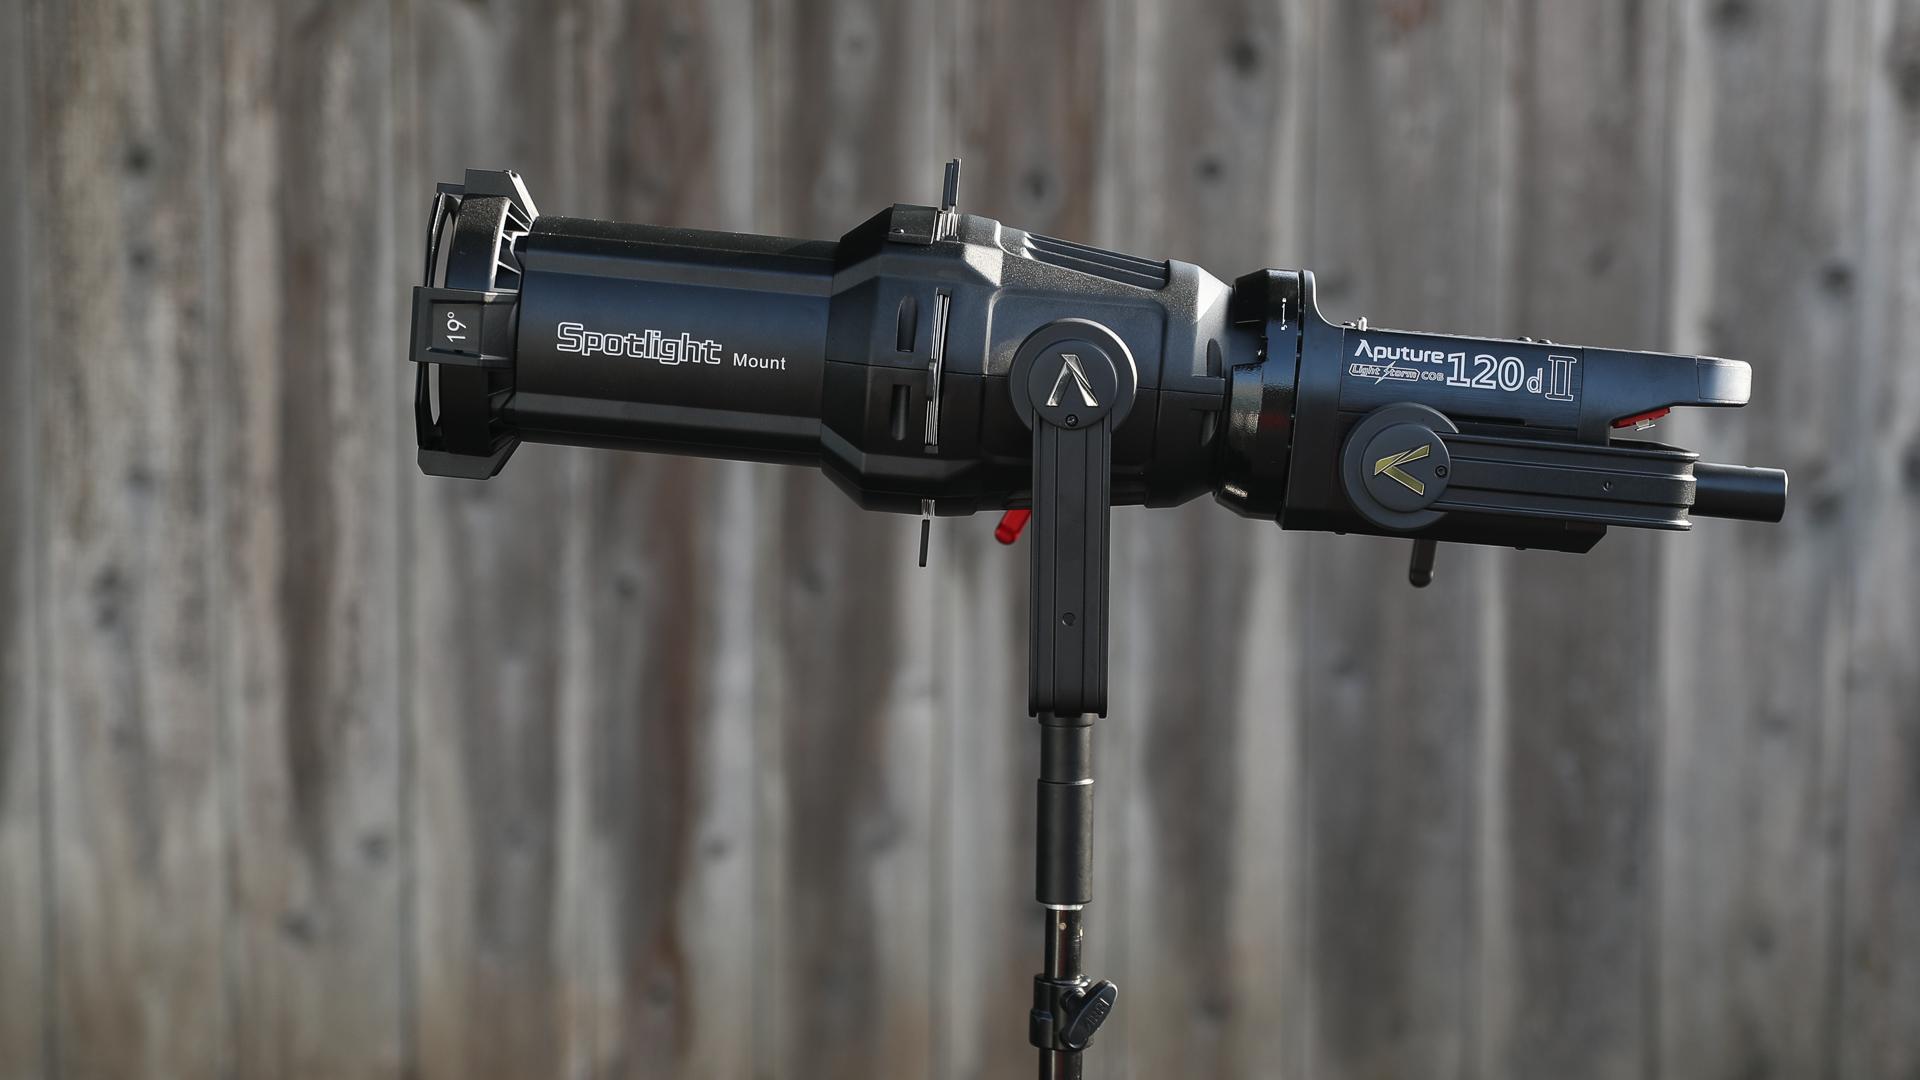 Reseña de la Aputure 120d MK II con el Spotlight Mount